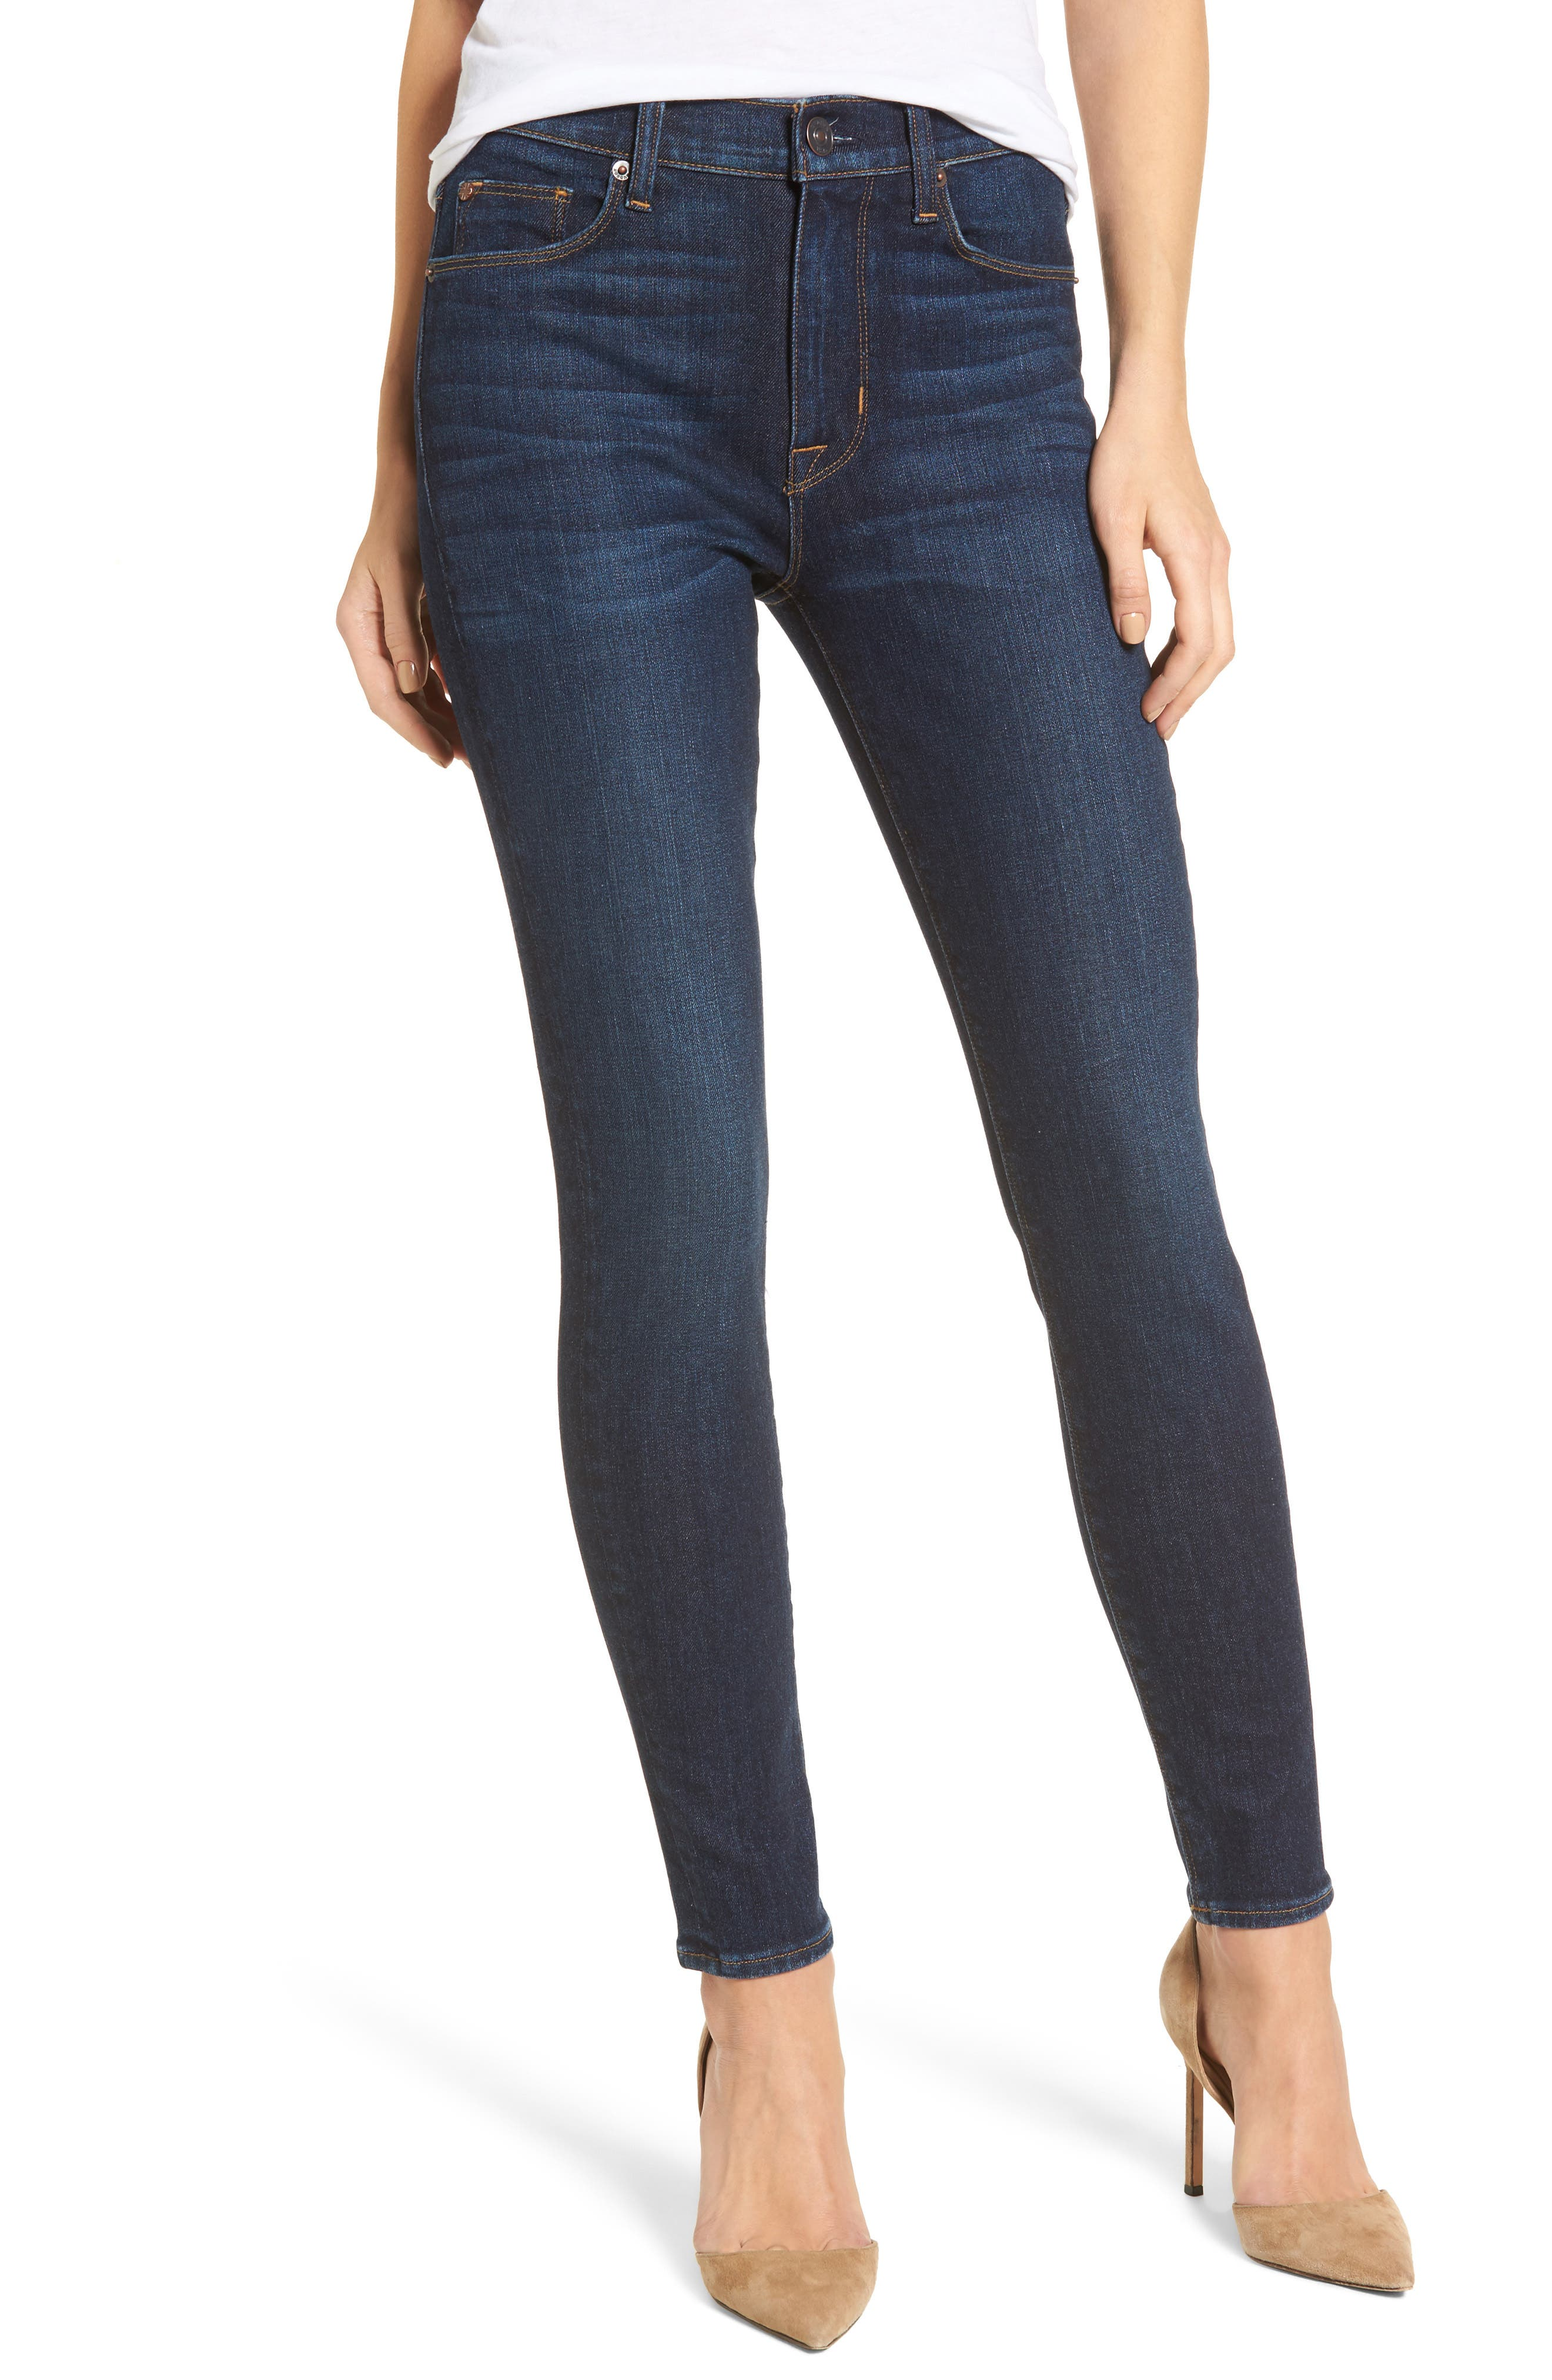 Hudson Jeans Barbara High Waist Ankle Super Skinny Jeans (Daze)